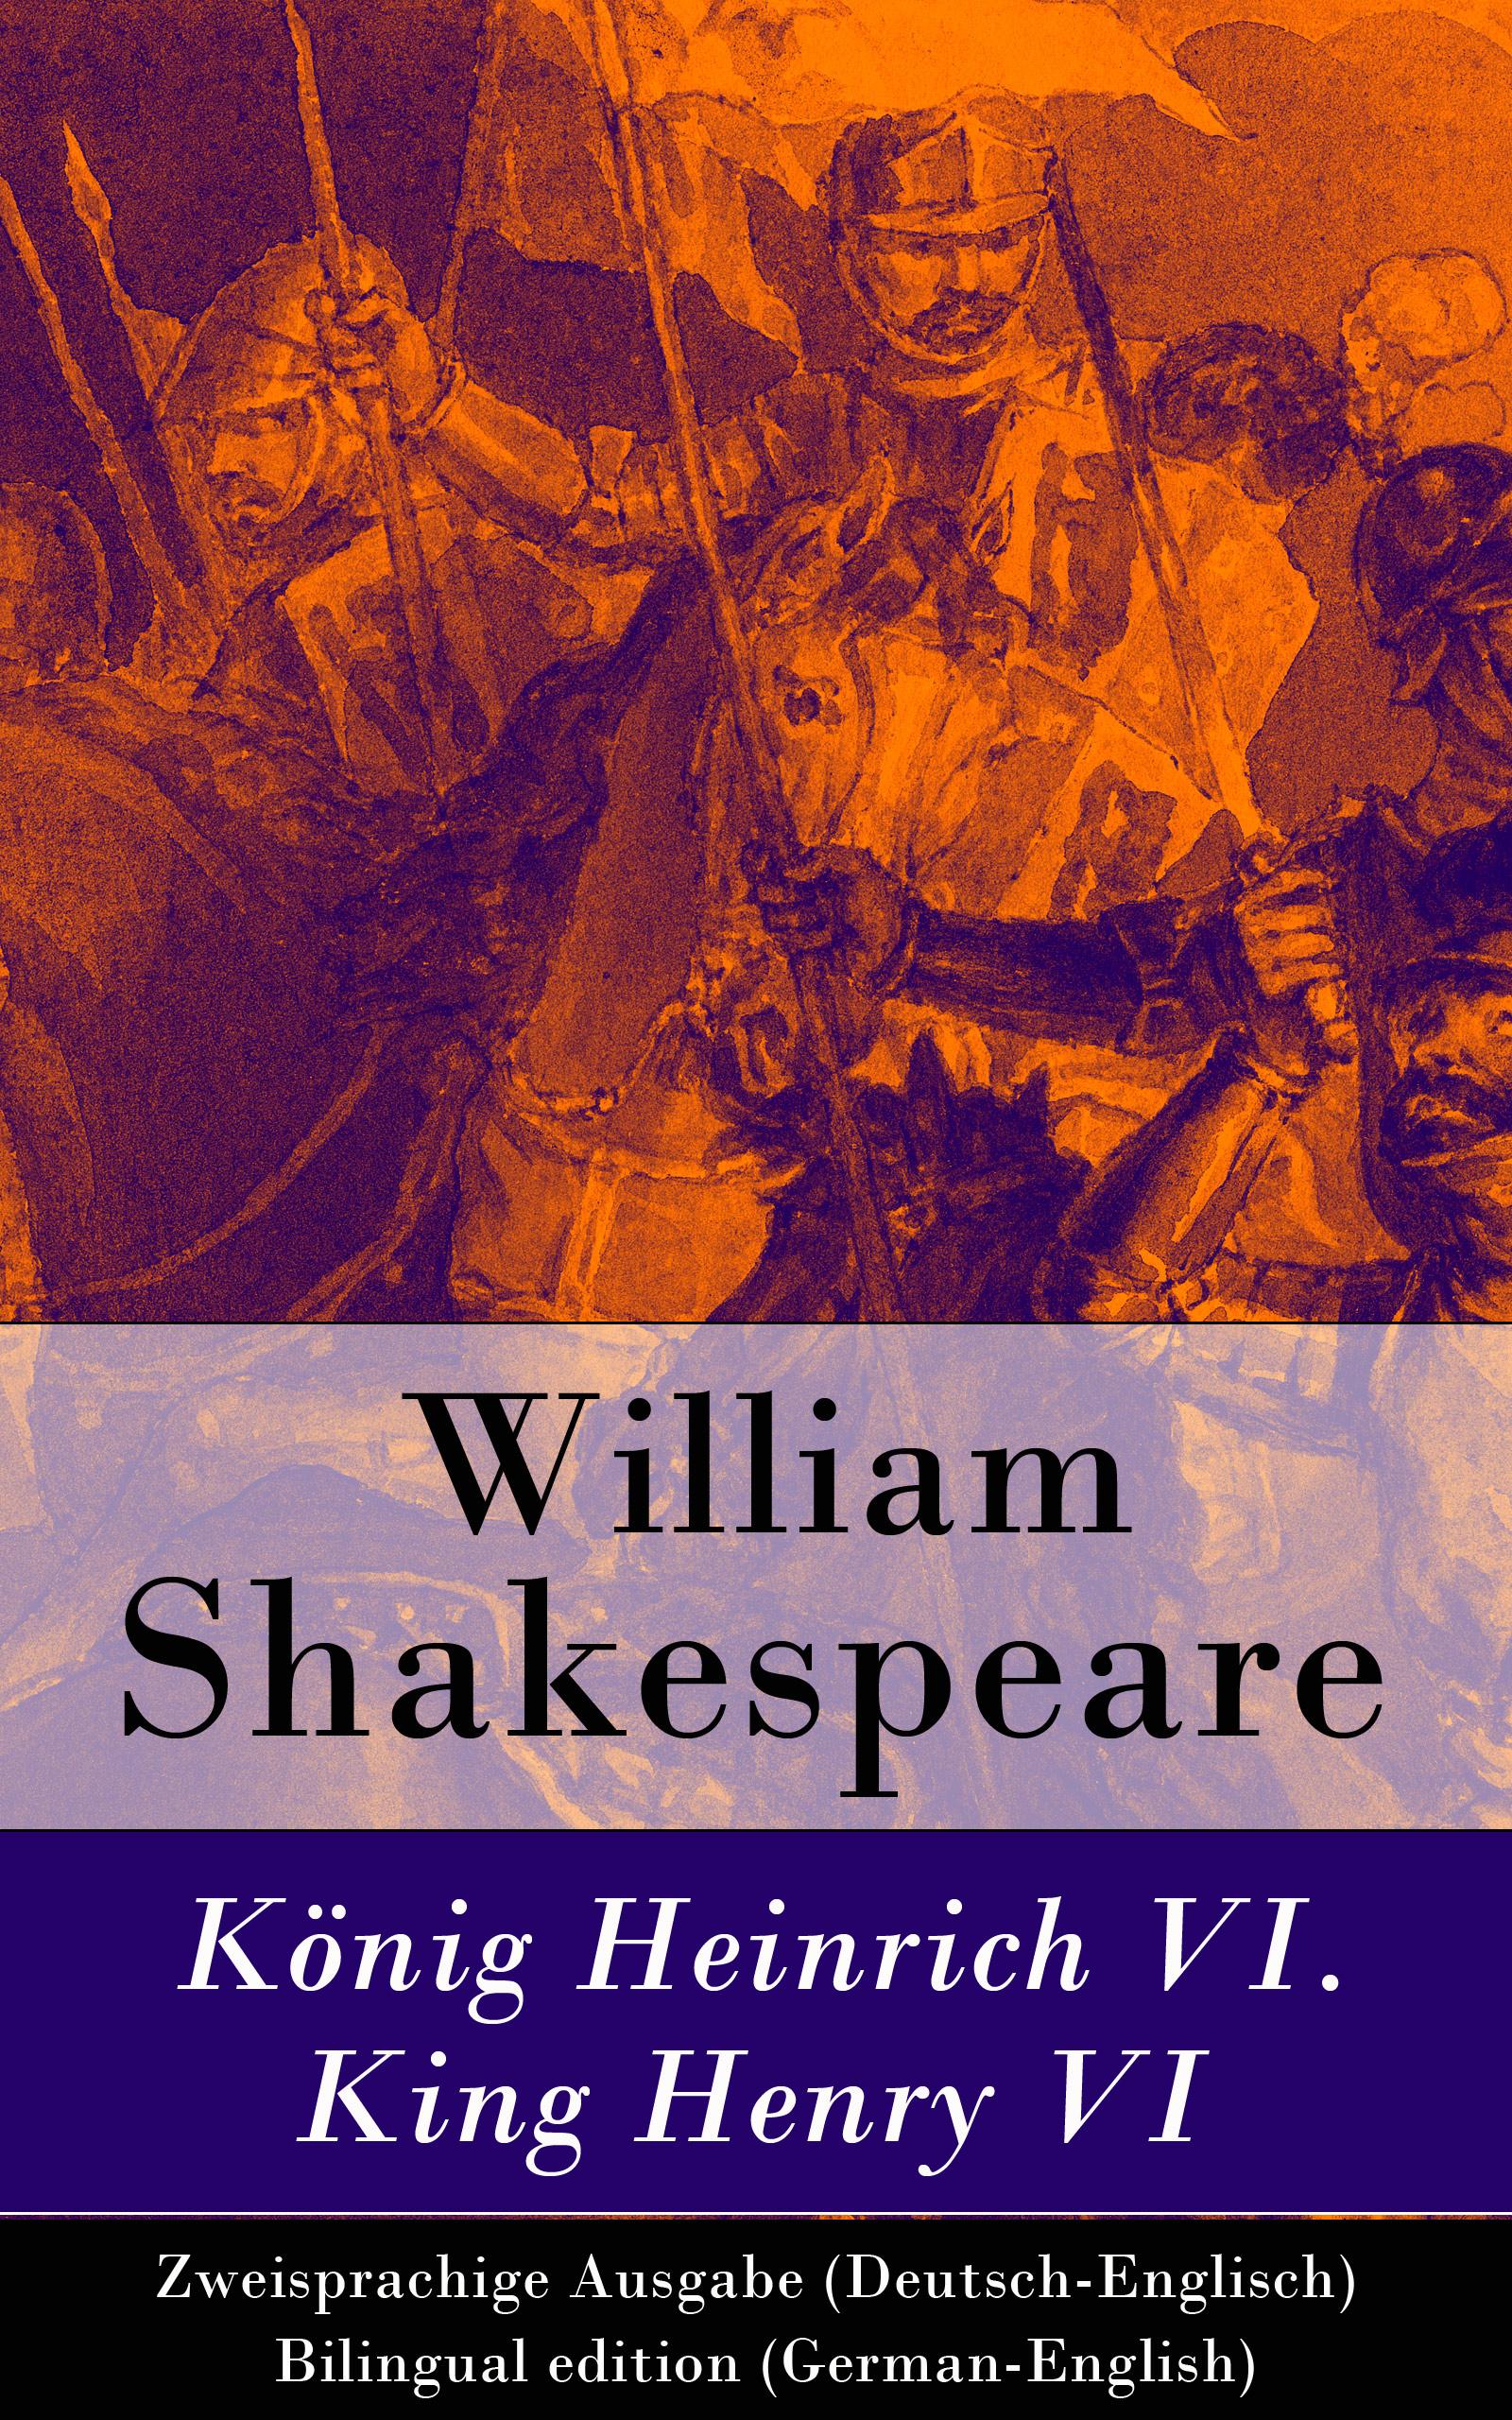 William Shakespeare König Heinrich VI. / King Henry VI - Zweisprachige Ausgabe (Deutsch-Englisch) / Bilingual edition (German-English) стоимость